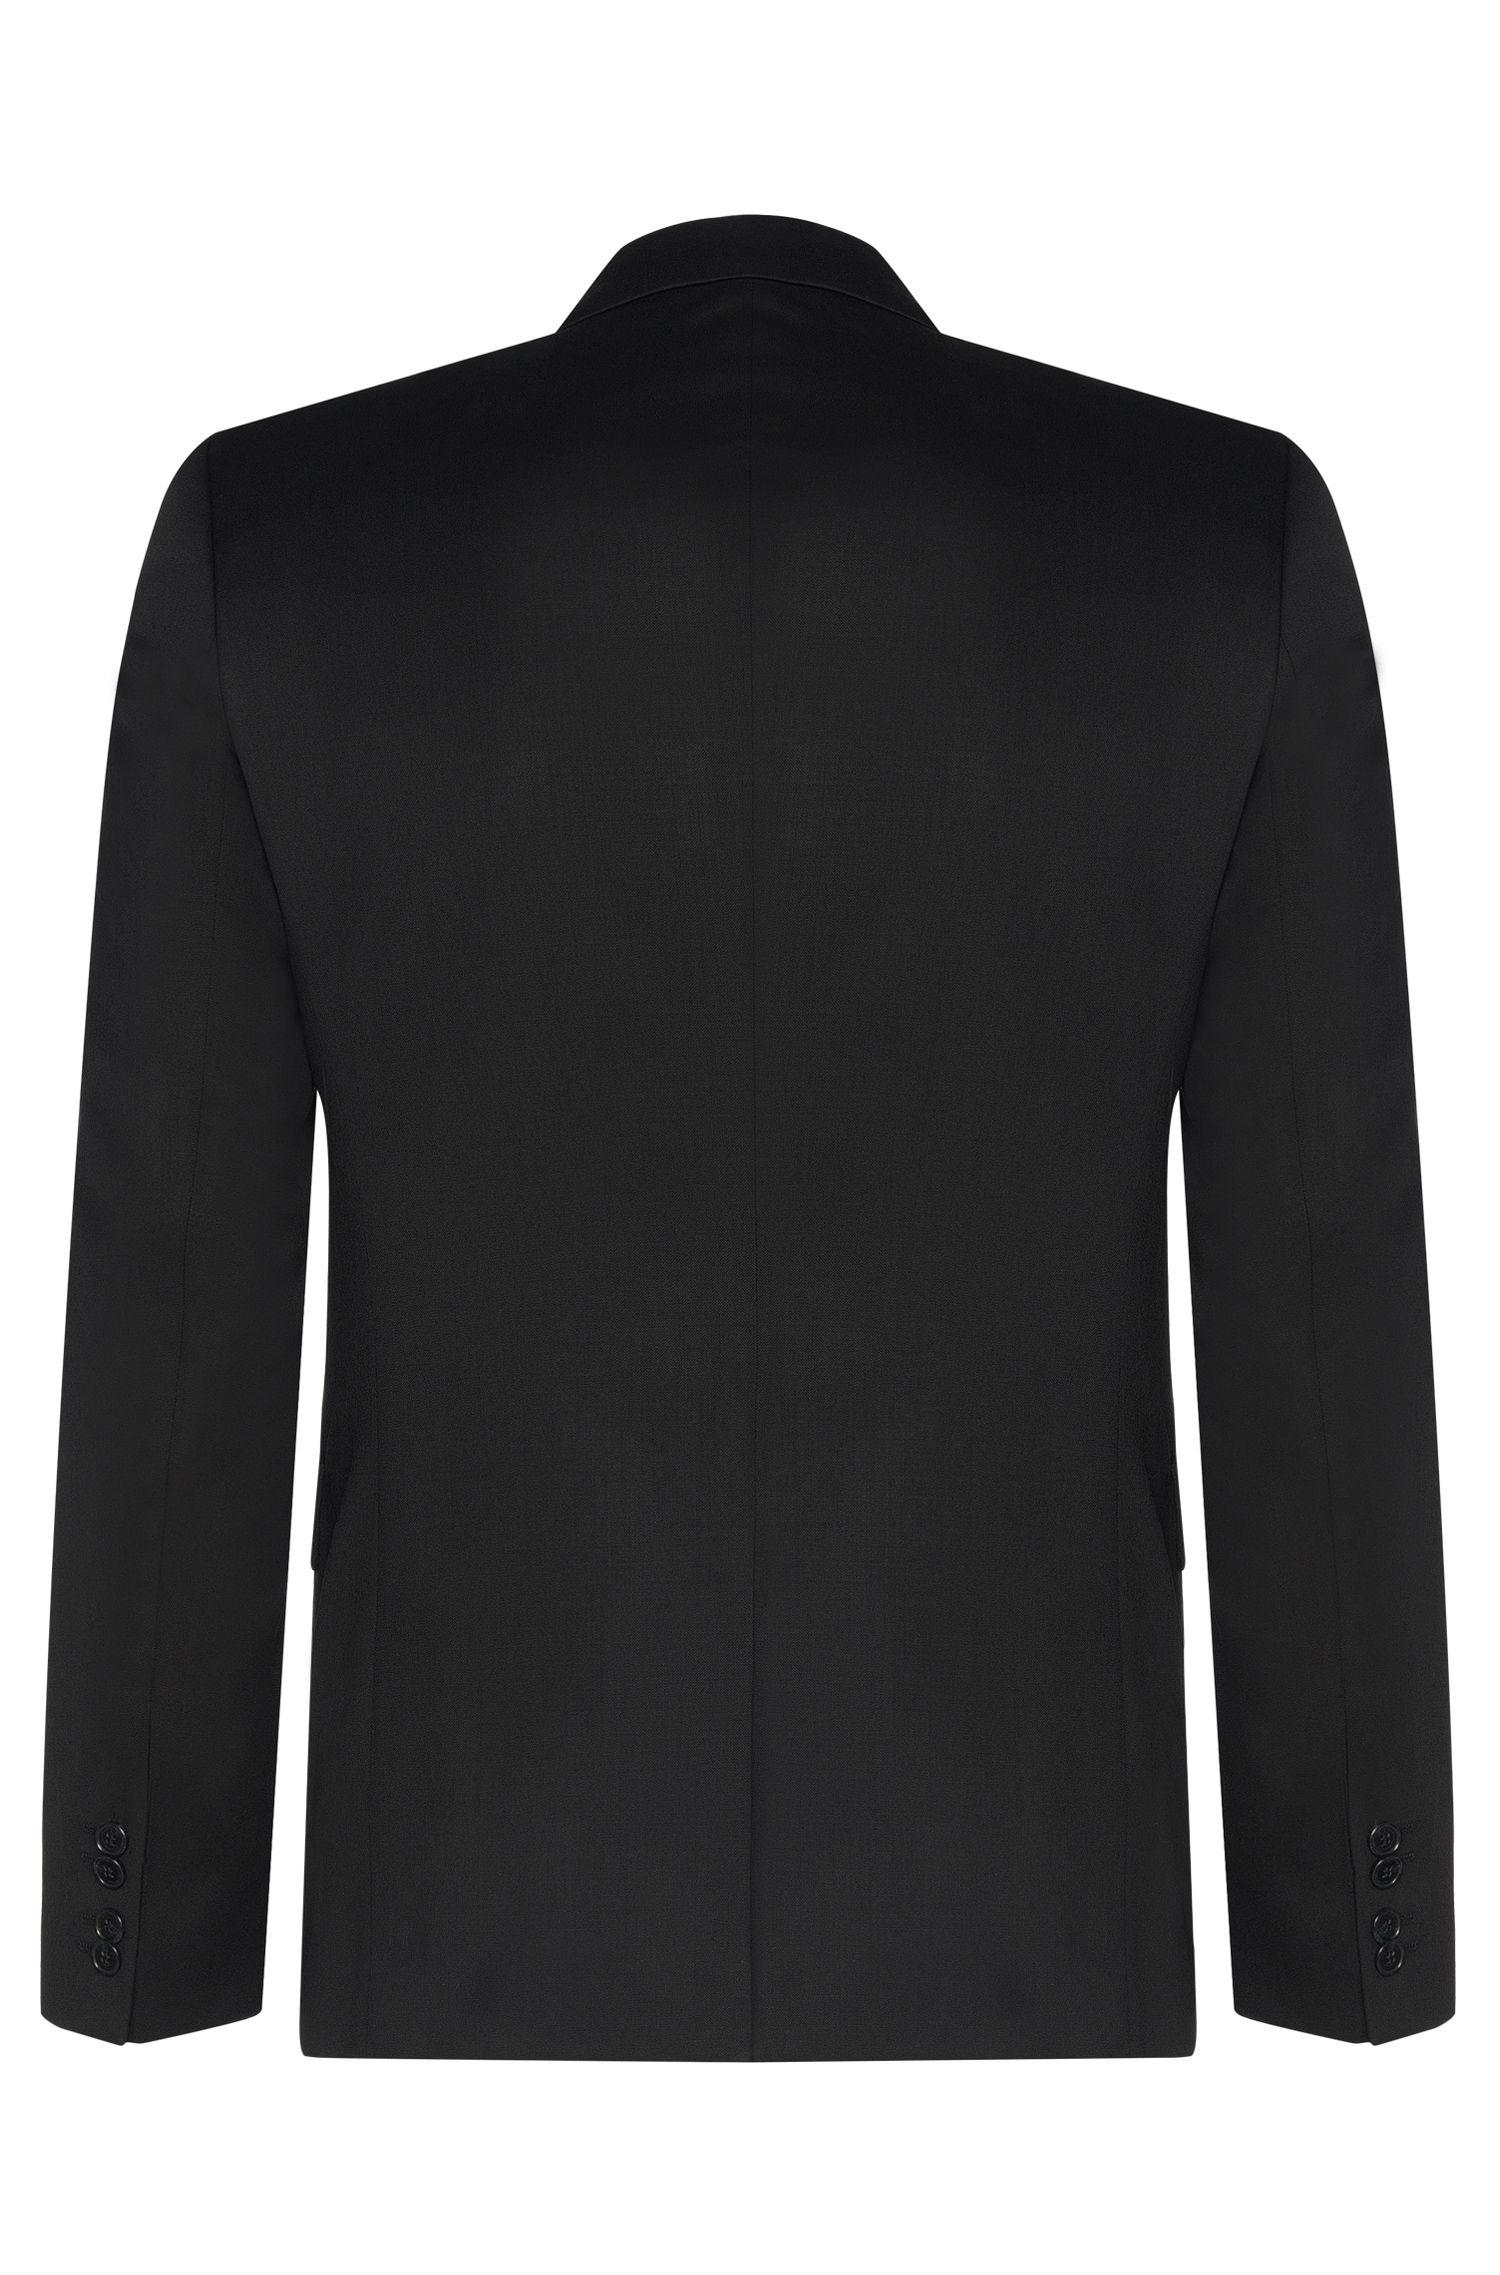 Virgin Wool Suit, Slim Fit | Aeron/Hamen